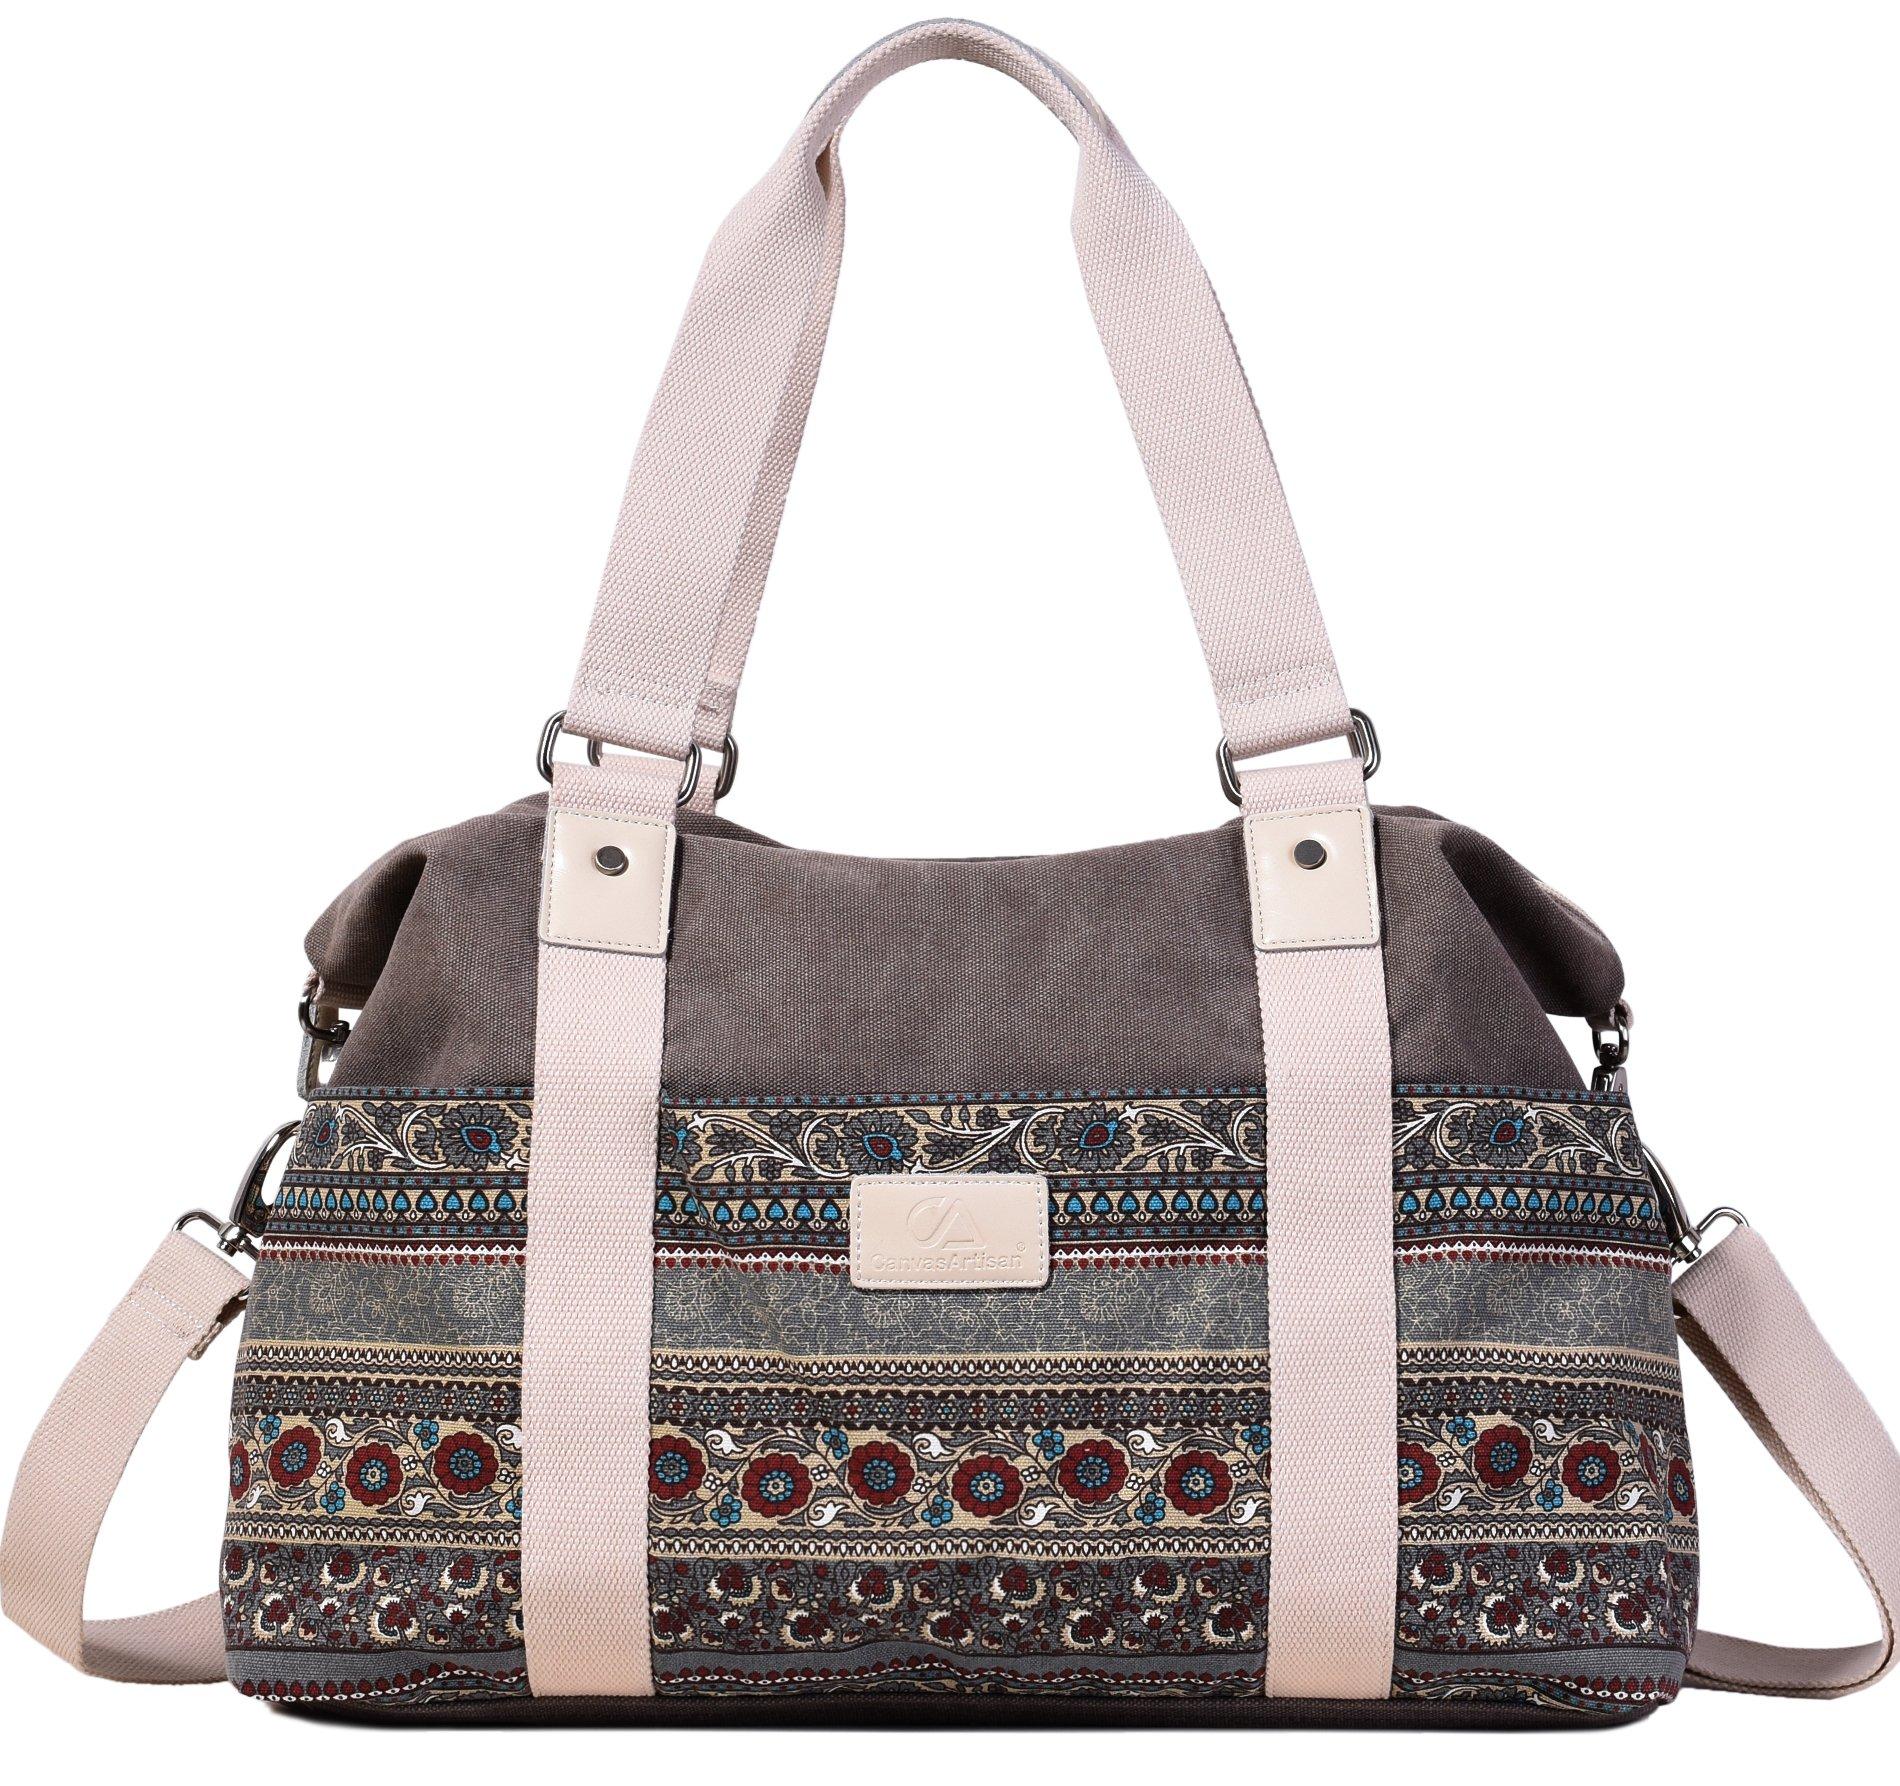 ArcEnCiel Women's Large Canvas Shoulder Hand Bag Tote Bag (Gray) by ArcEnCiel